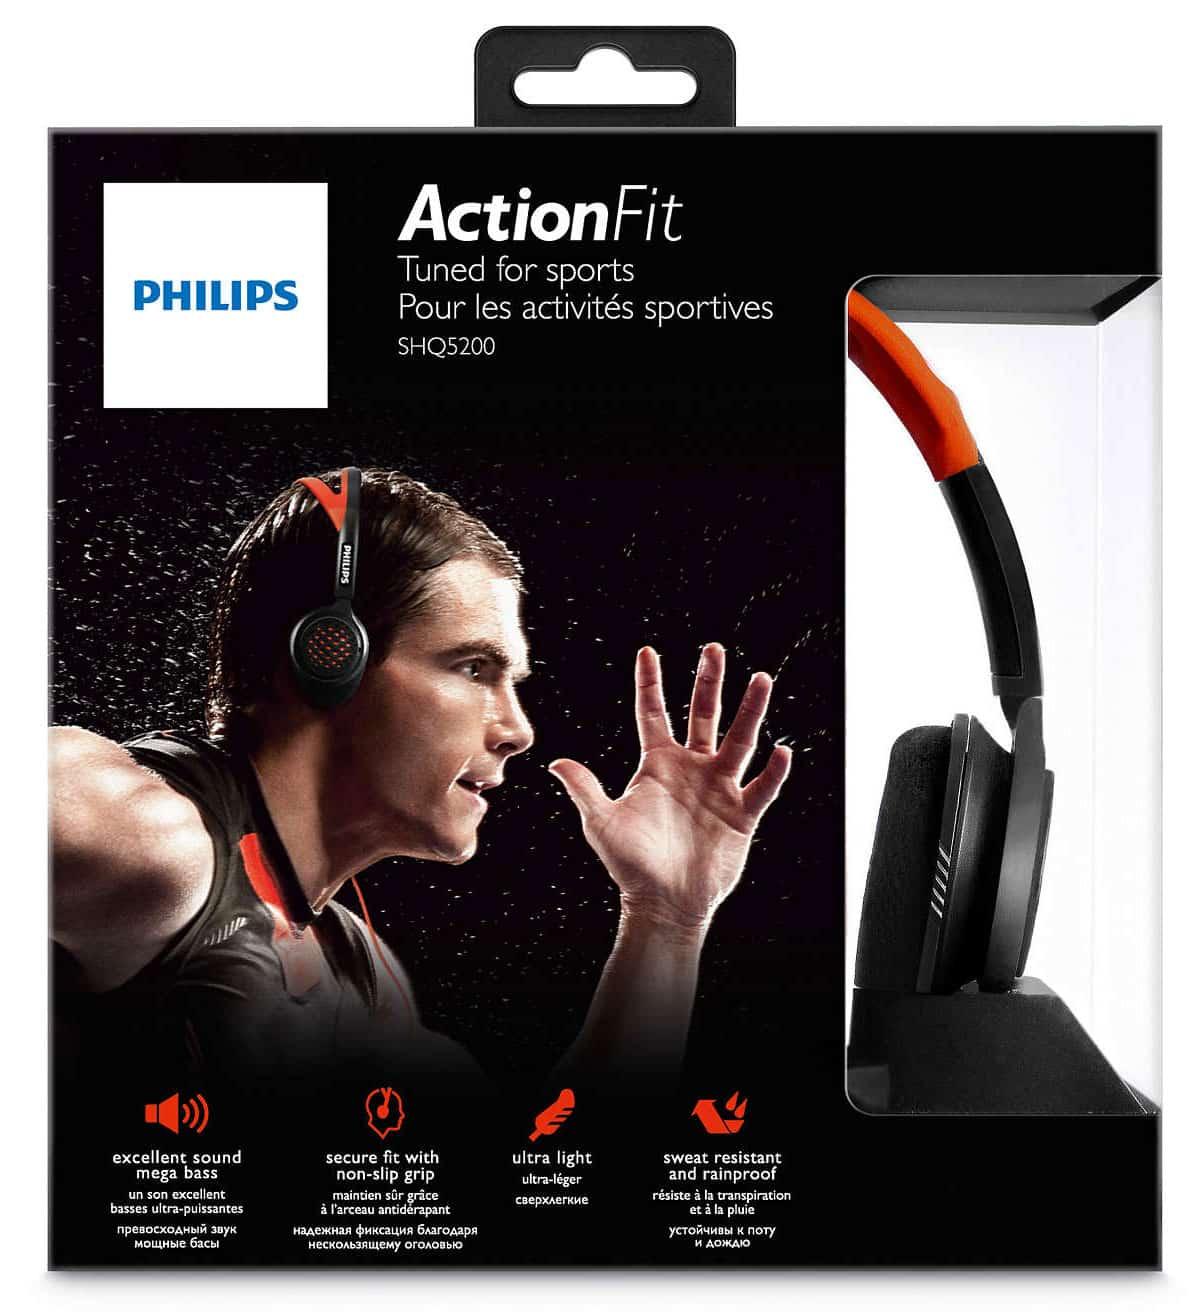 Philips ActionFit SHQ5200 headphones box